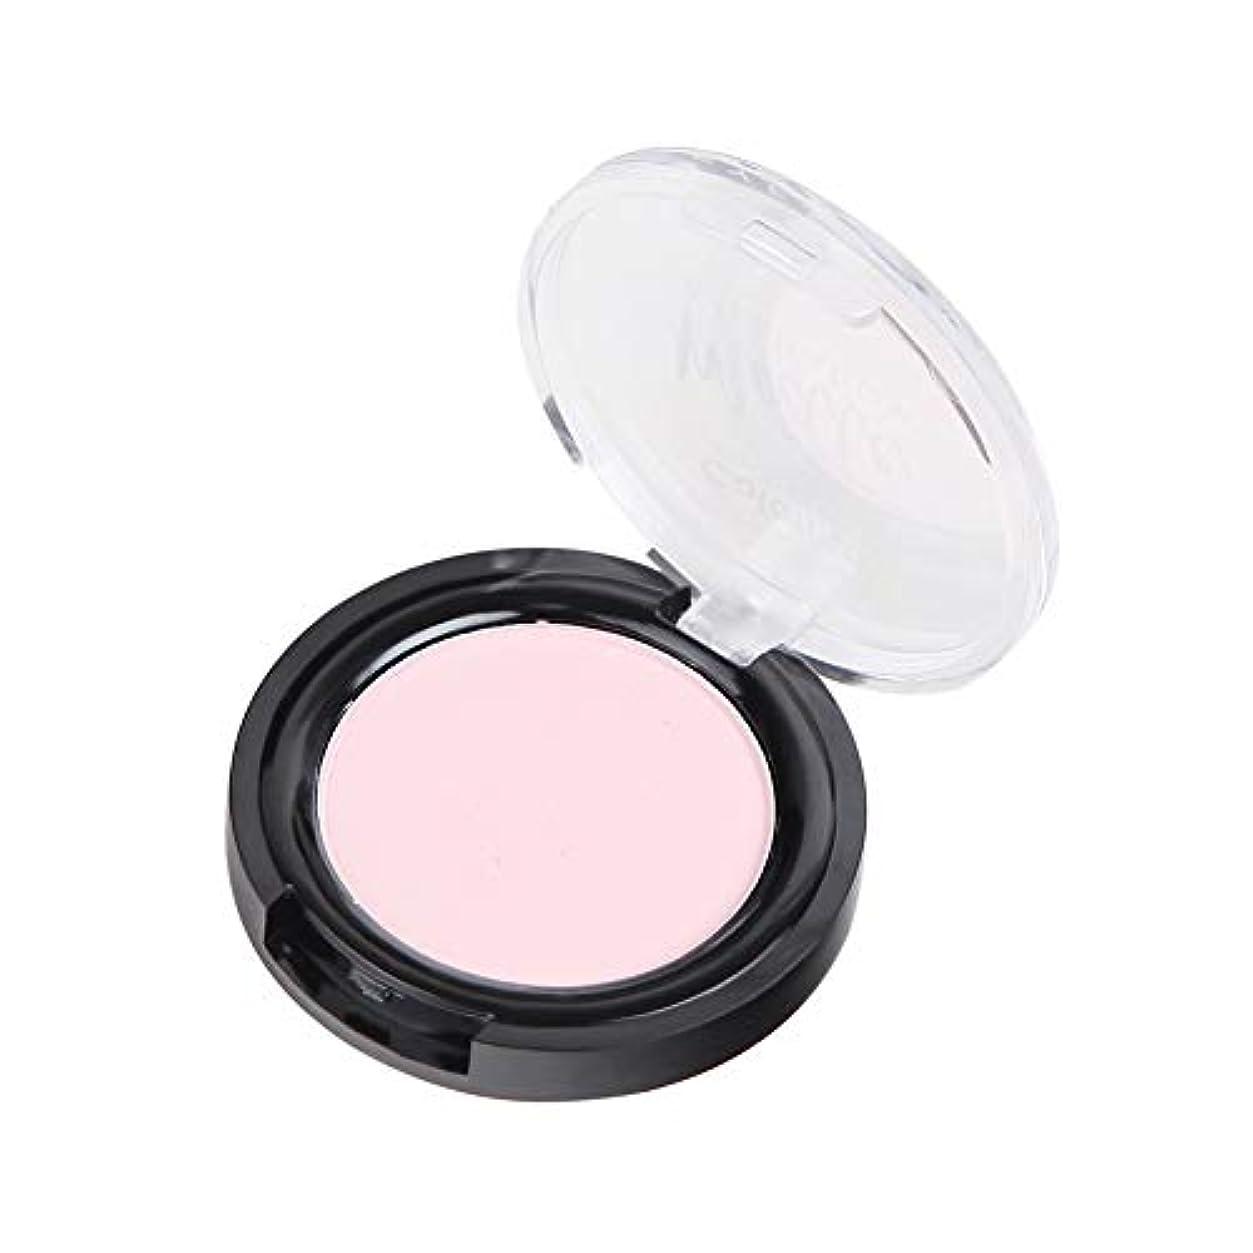 Cutelove 12色 マットアイシャドウ パウダー 防水 防汚 長持 ちベルベットアイシャドウ 化粧品